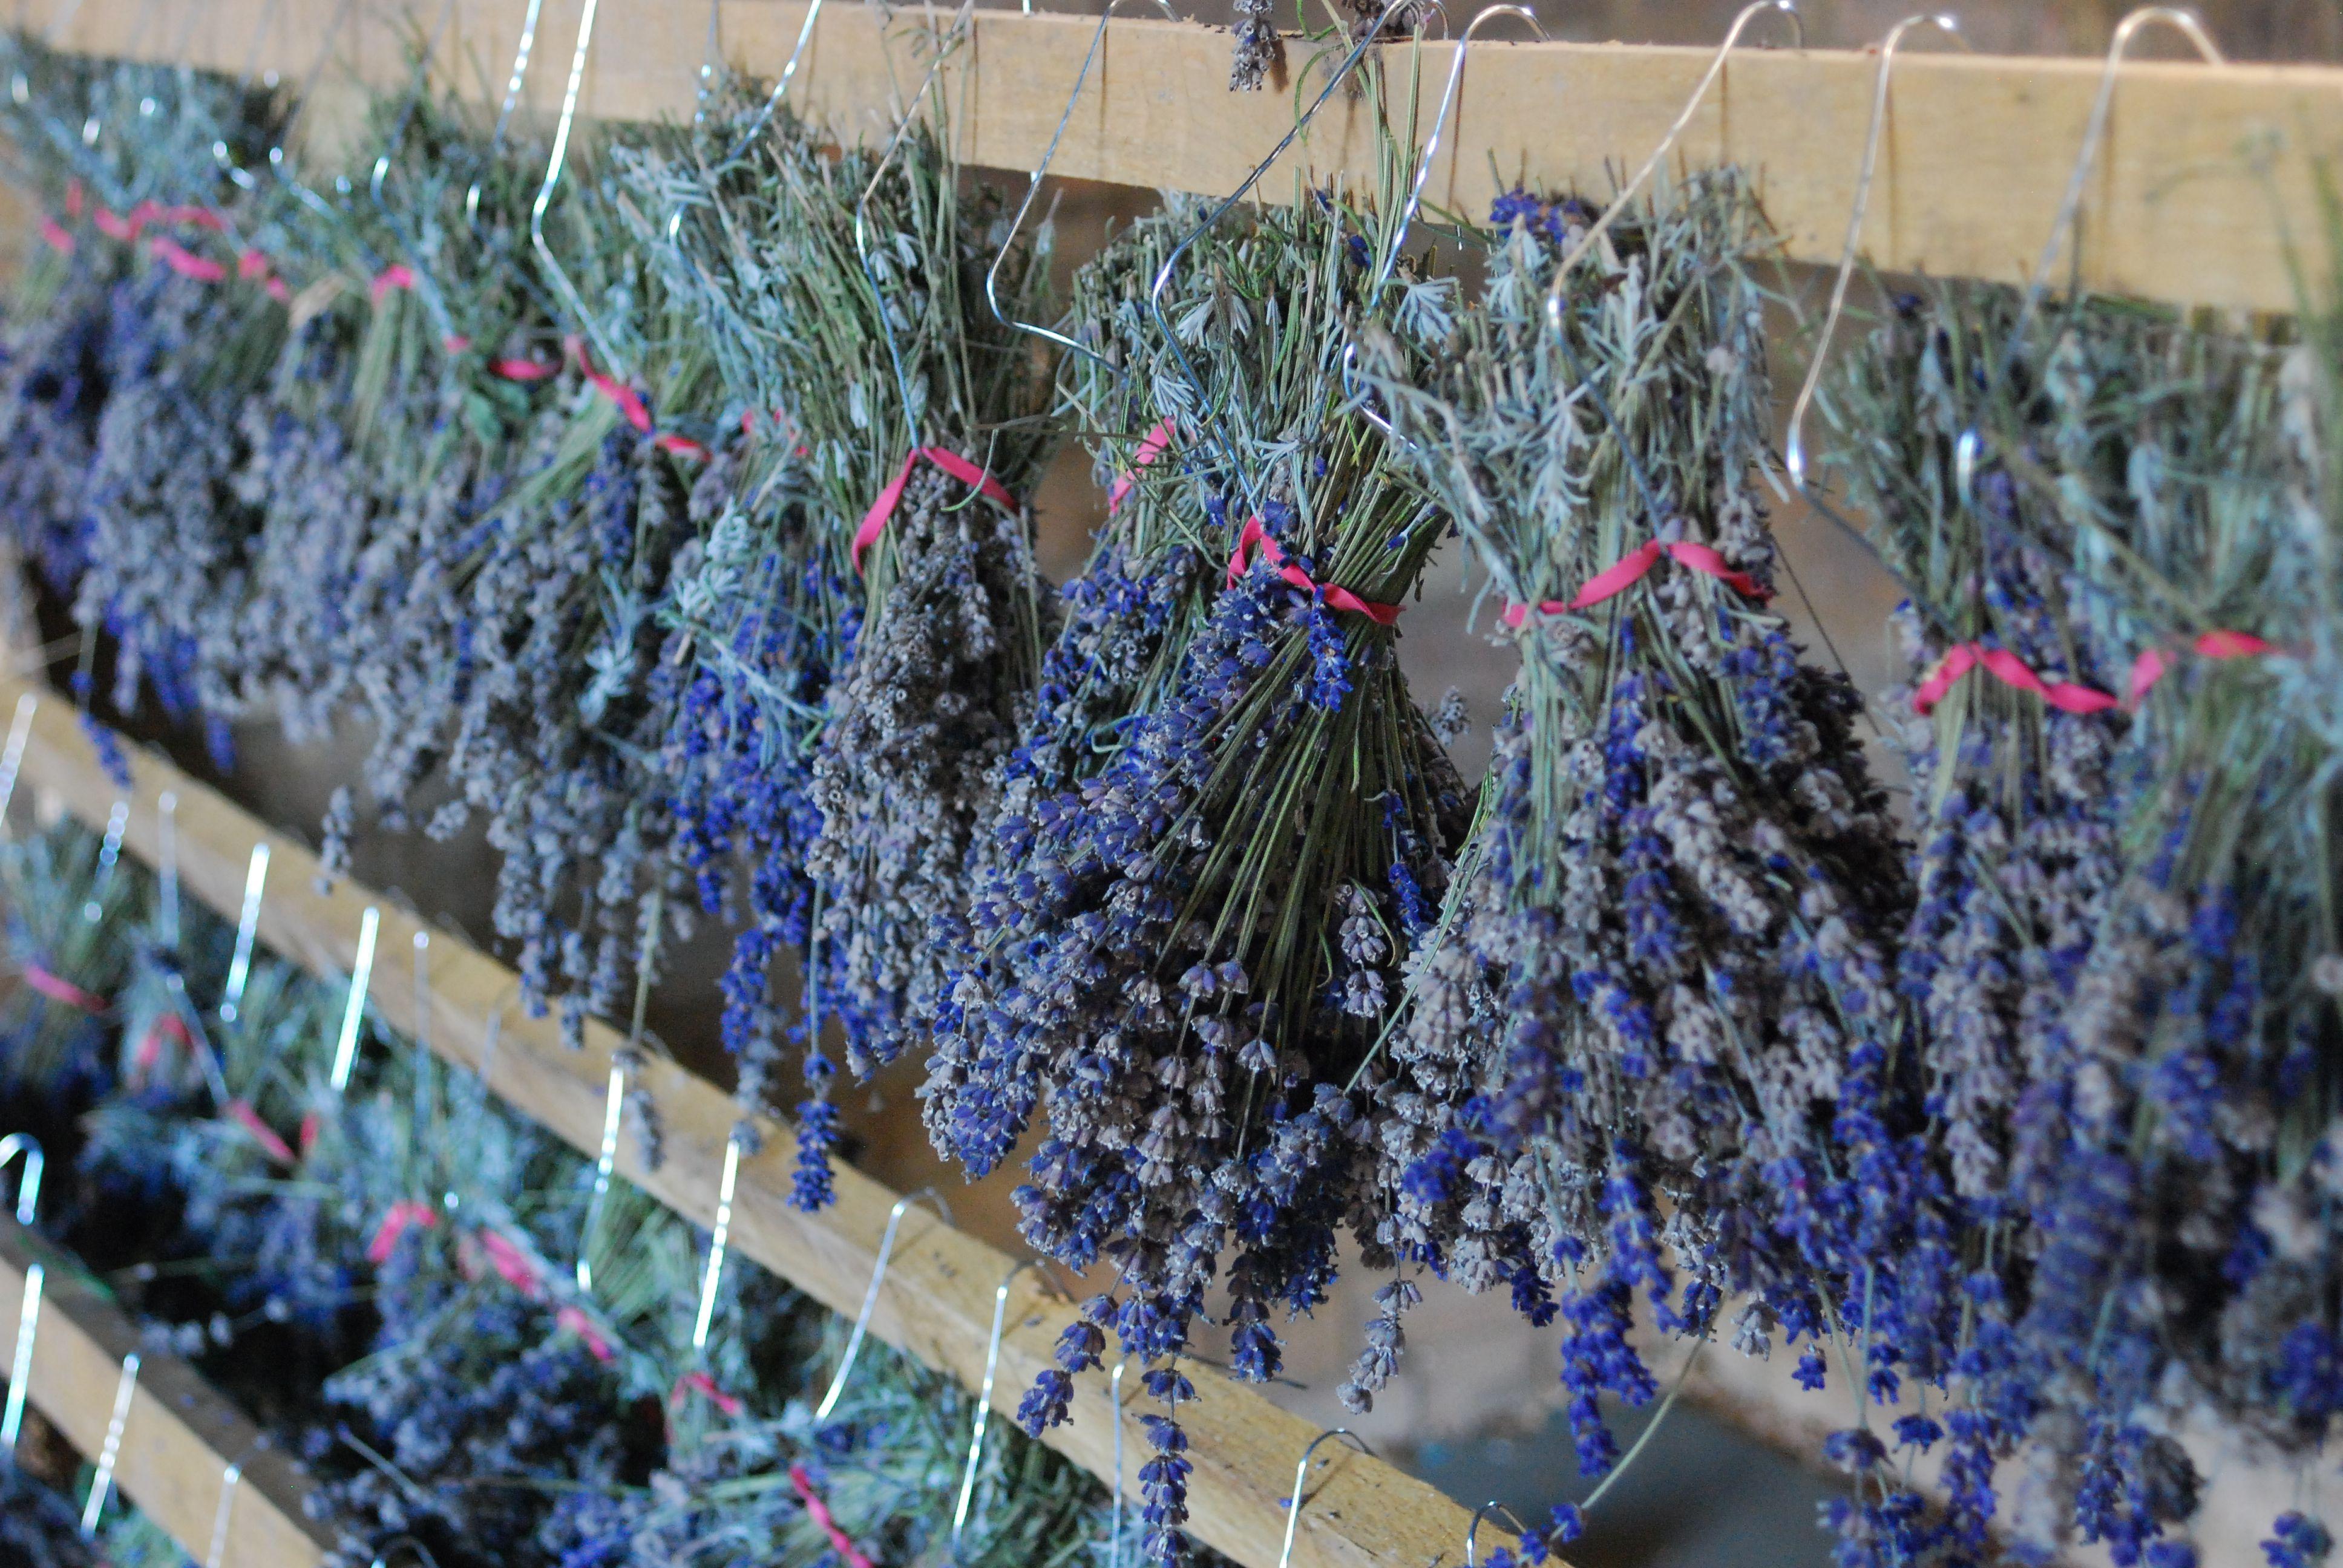 Hanging drying bundles of lavender